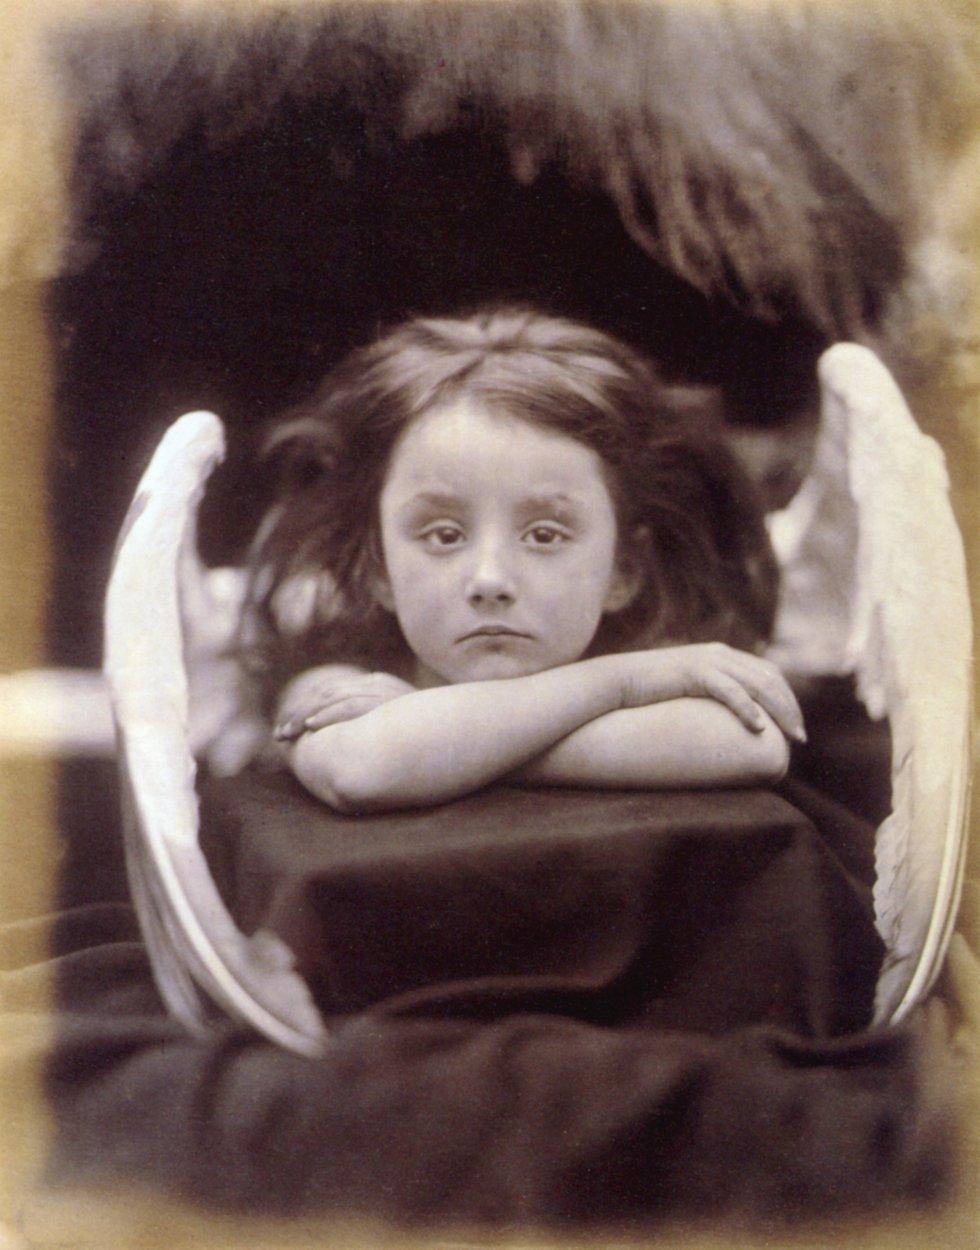 Julia Margaret Cameron (1815-1879) forma parte de una minoría de burgueses aficionados que realizaron una obra artística, puesto que la mayor parte de la sociedad no se podía permitir los costes de la fotografía. Realizaban obras pictóricas, que no representaban necesariamente la realidad, y que eran retocadas con técnicas manuales como el rascado. En la imagen, 'I wait' (1872) de Julia M. Cameron.